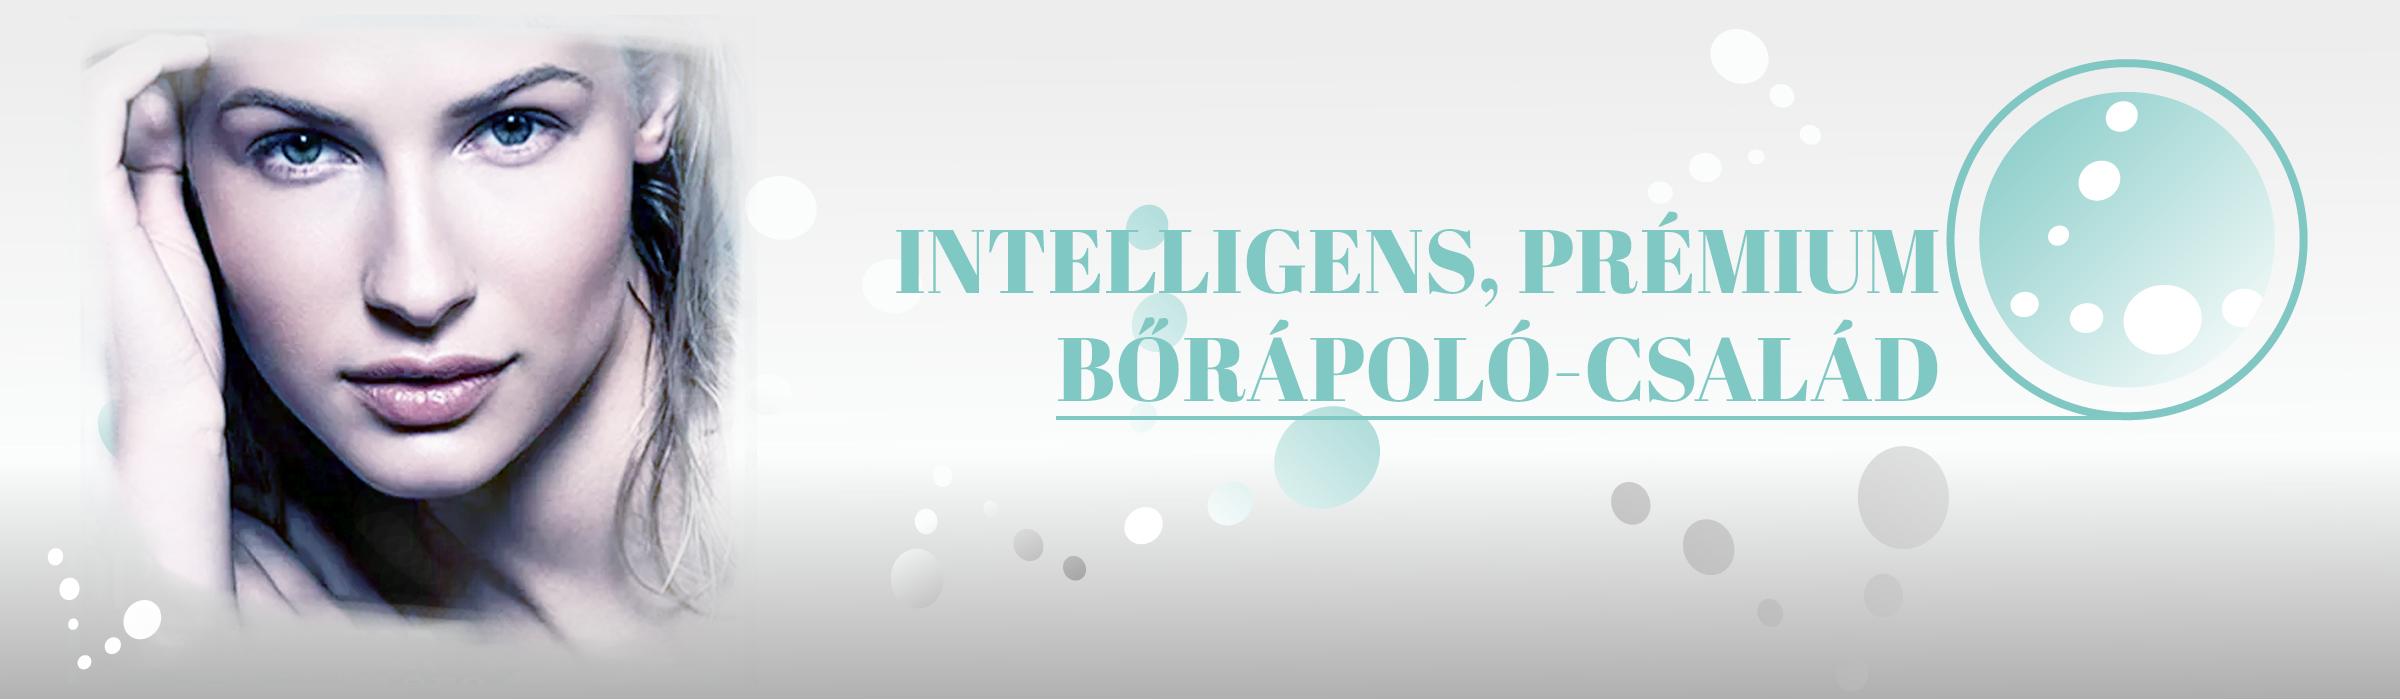 slider szolgáltatások intelligens, prémium bőrápoló-család kép